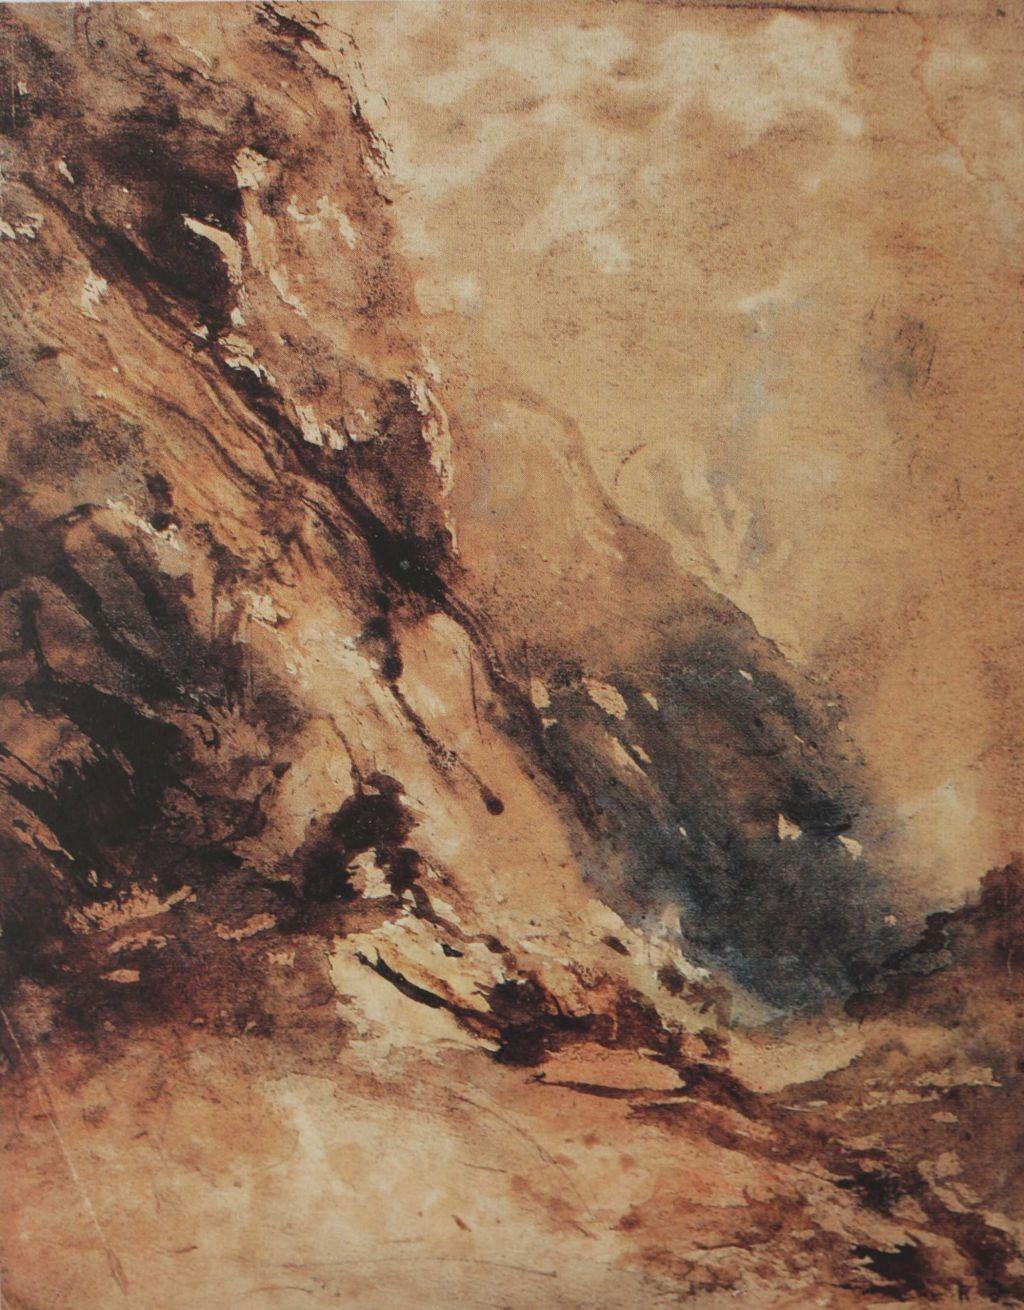 Landscape, Eugenio Lucas Velázquez